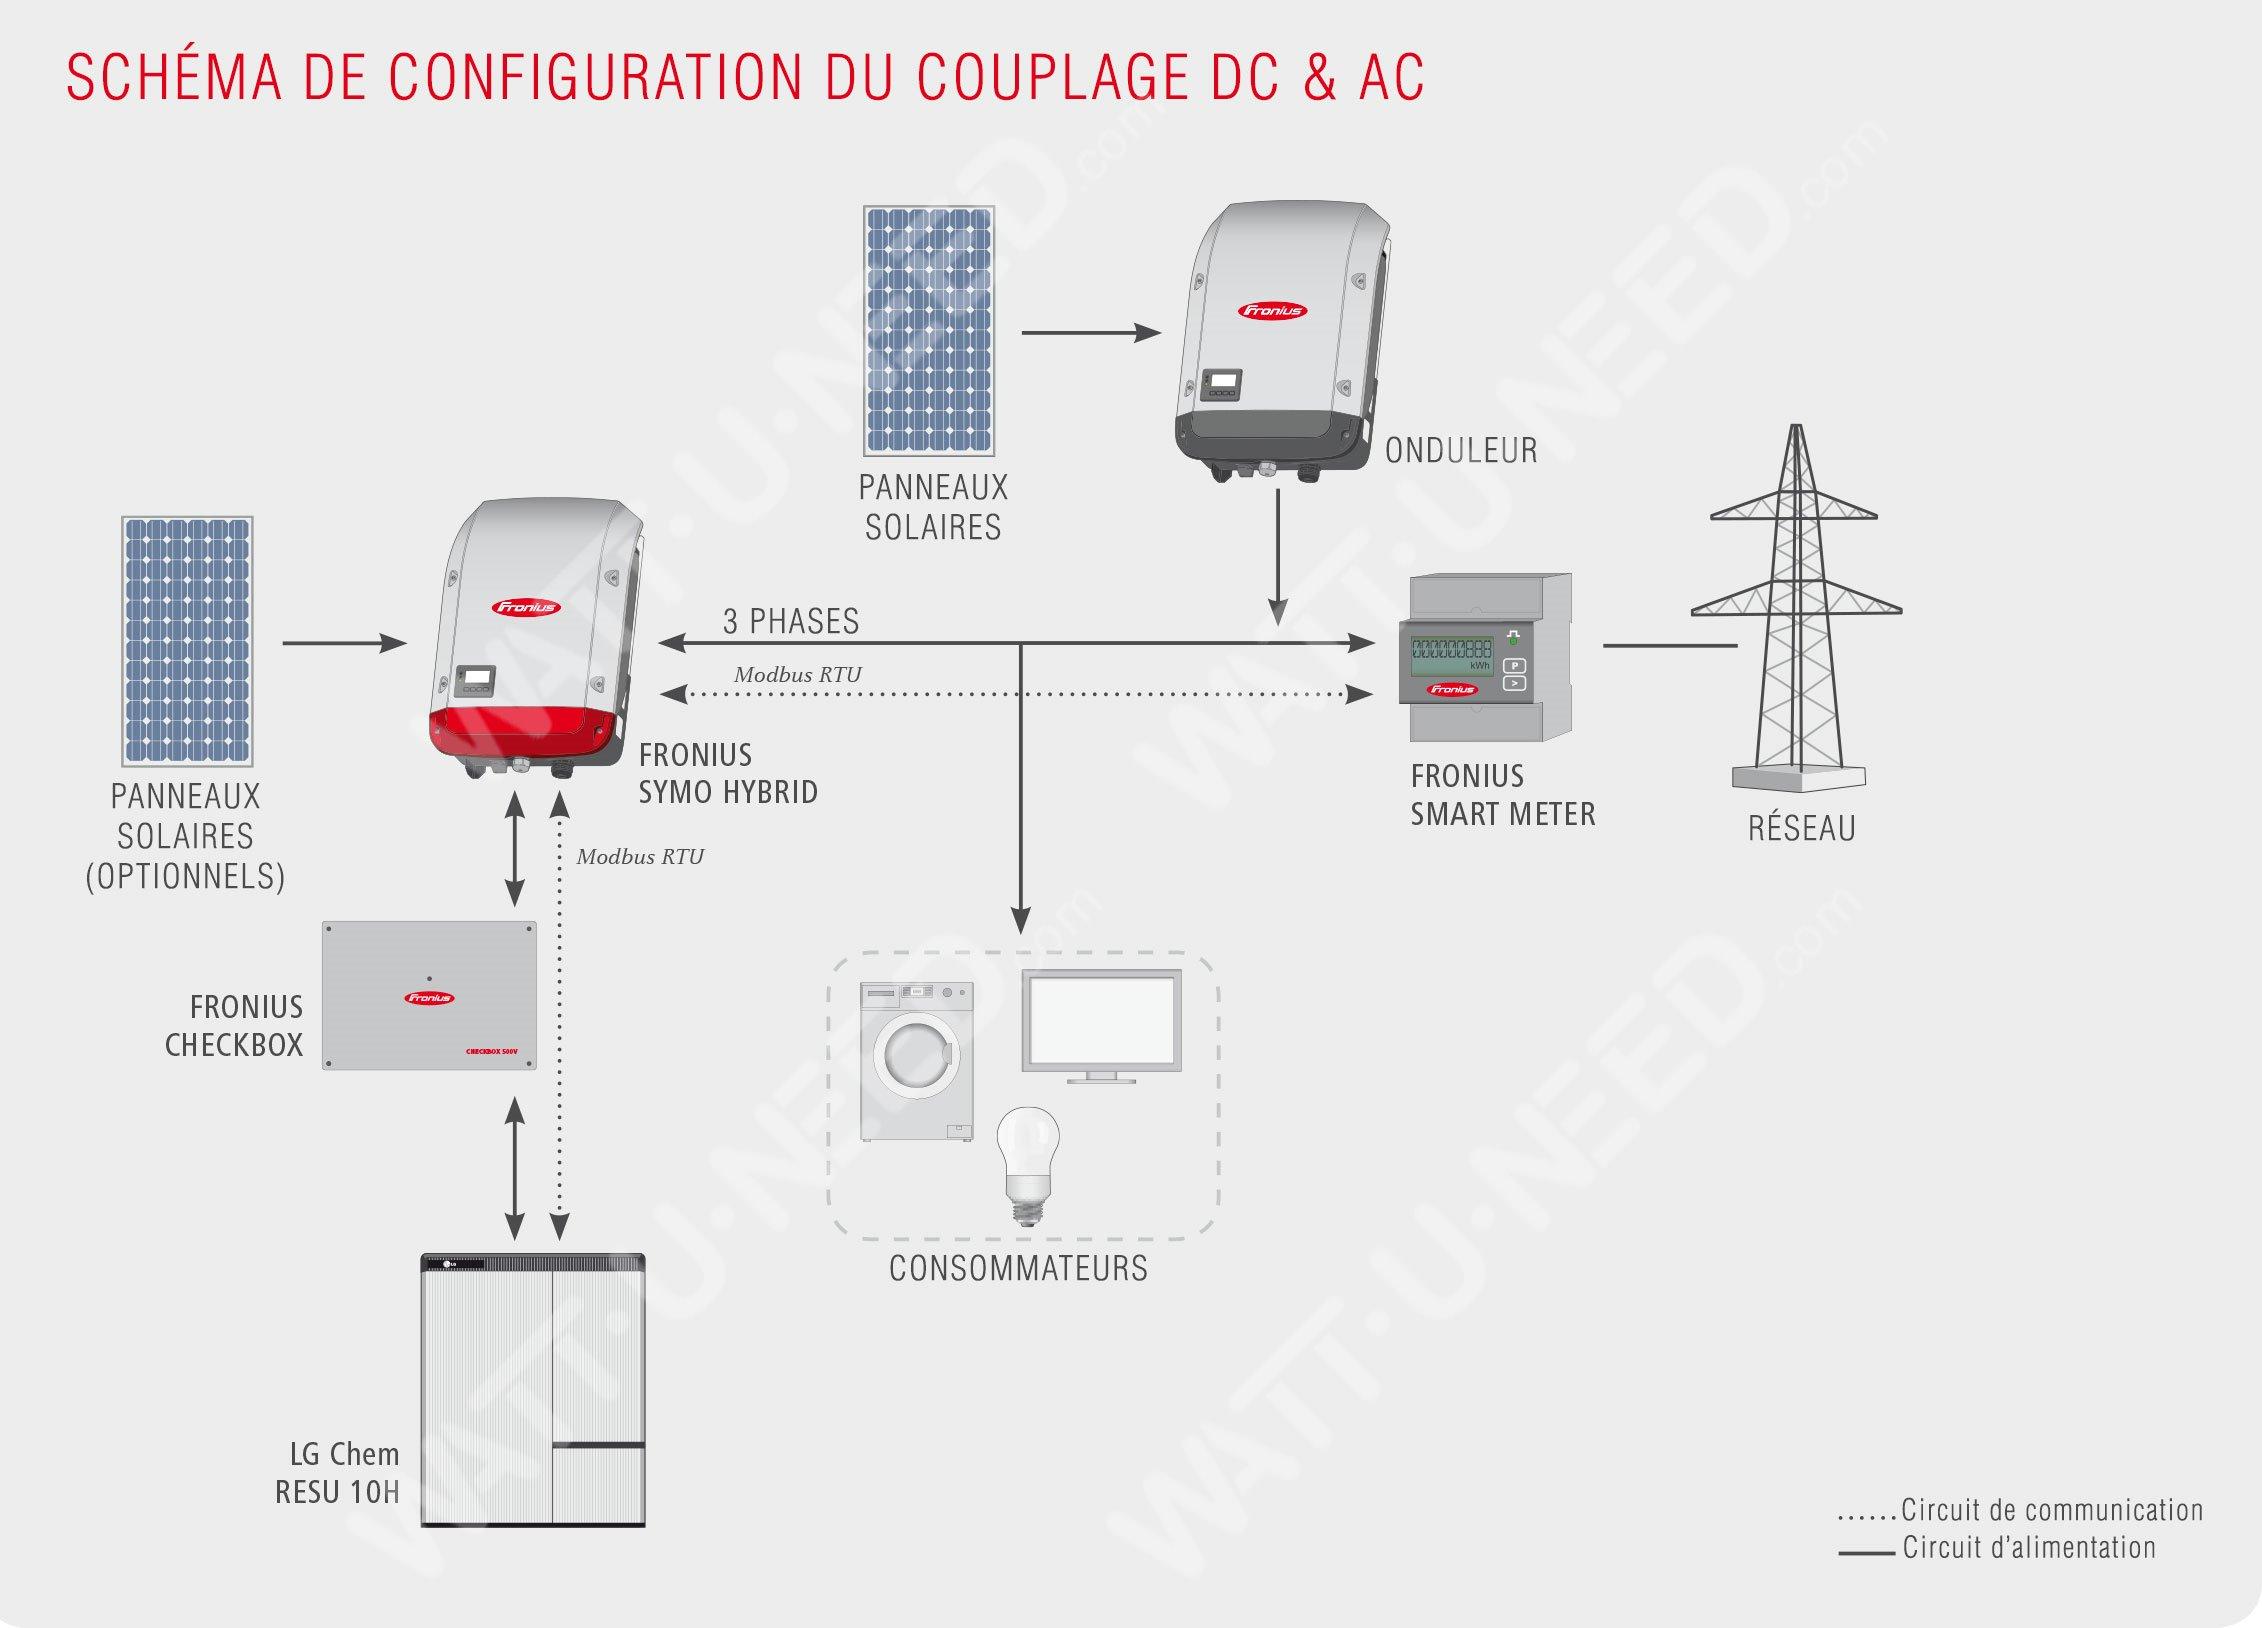 Schéma de configuration du couplage DC & AC